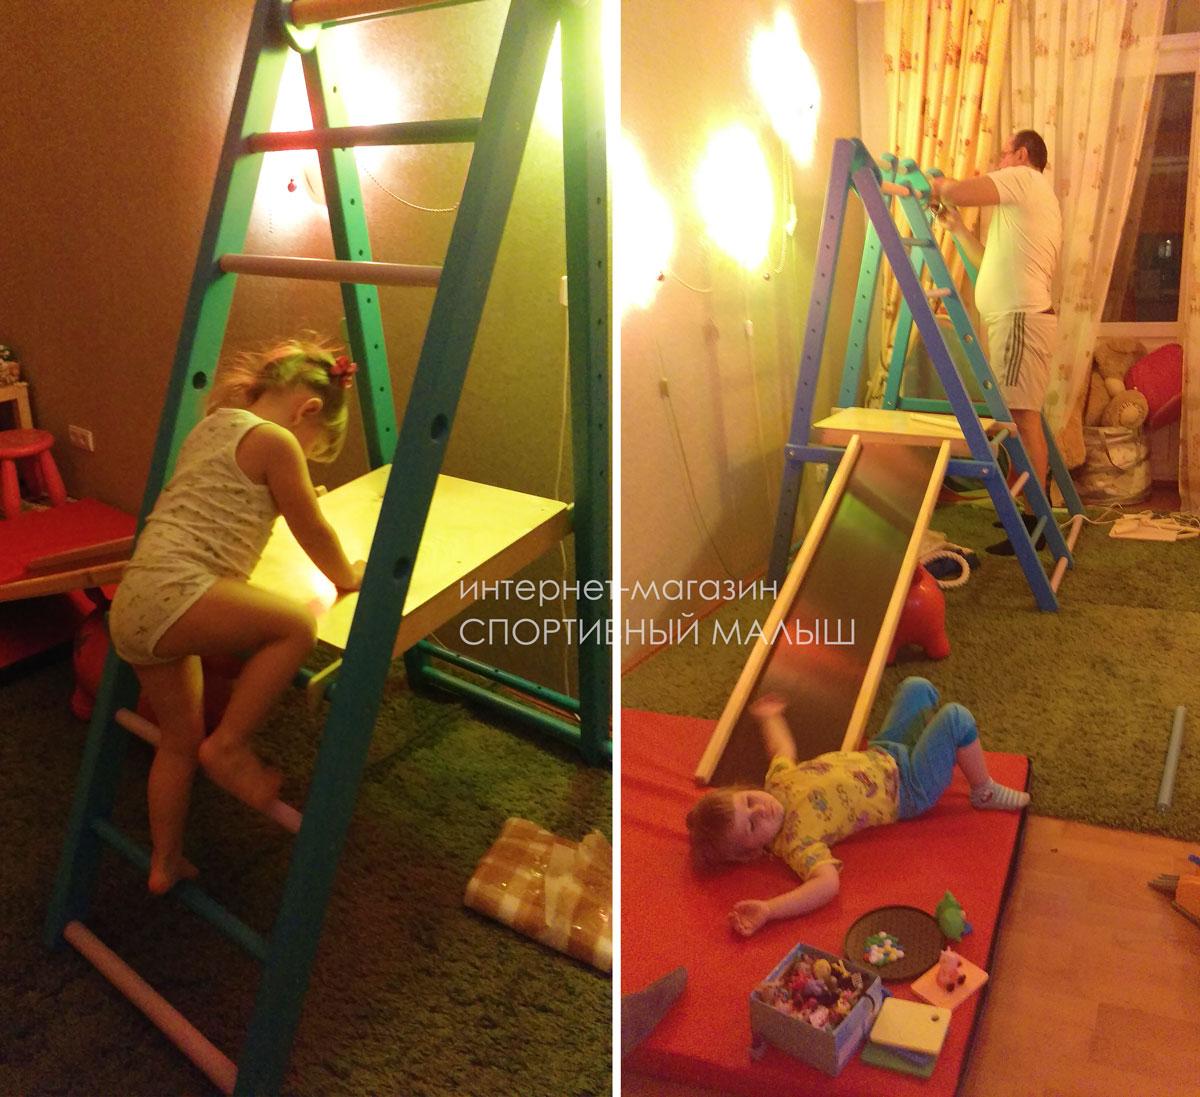 Складной спортивный комплекс Карапуз - компактная легко убирающаяся модель, удобная для квартир с небольшими комнатами.